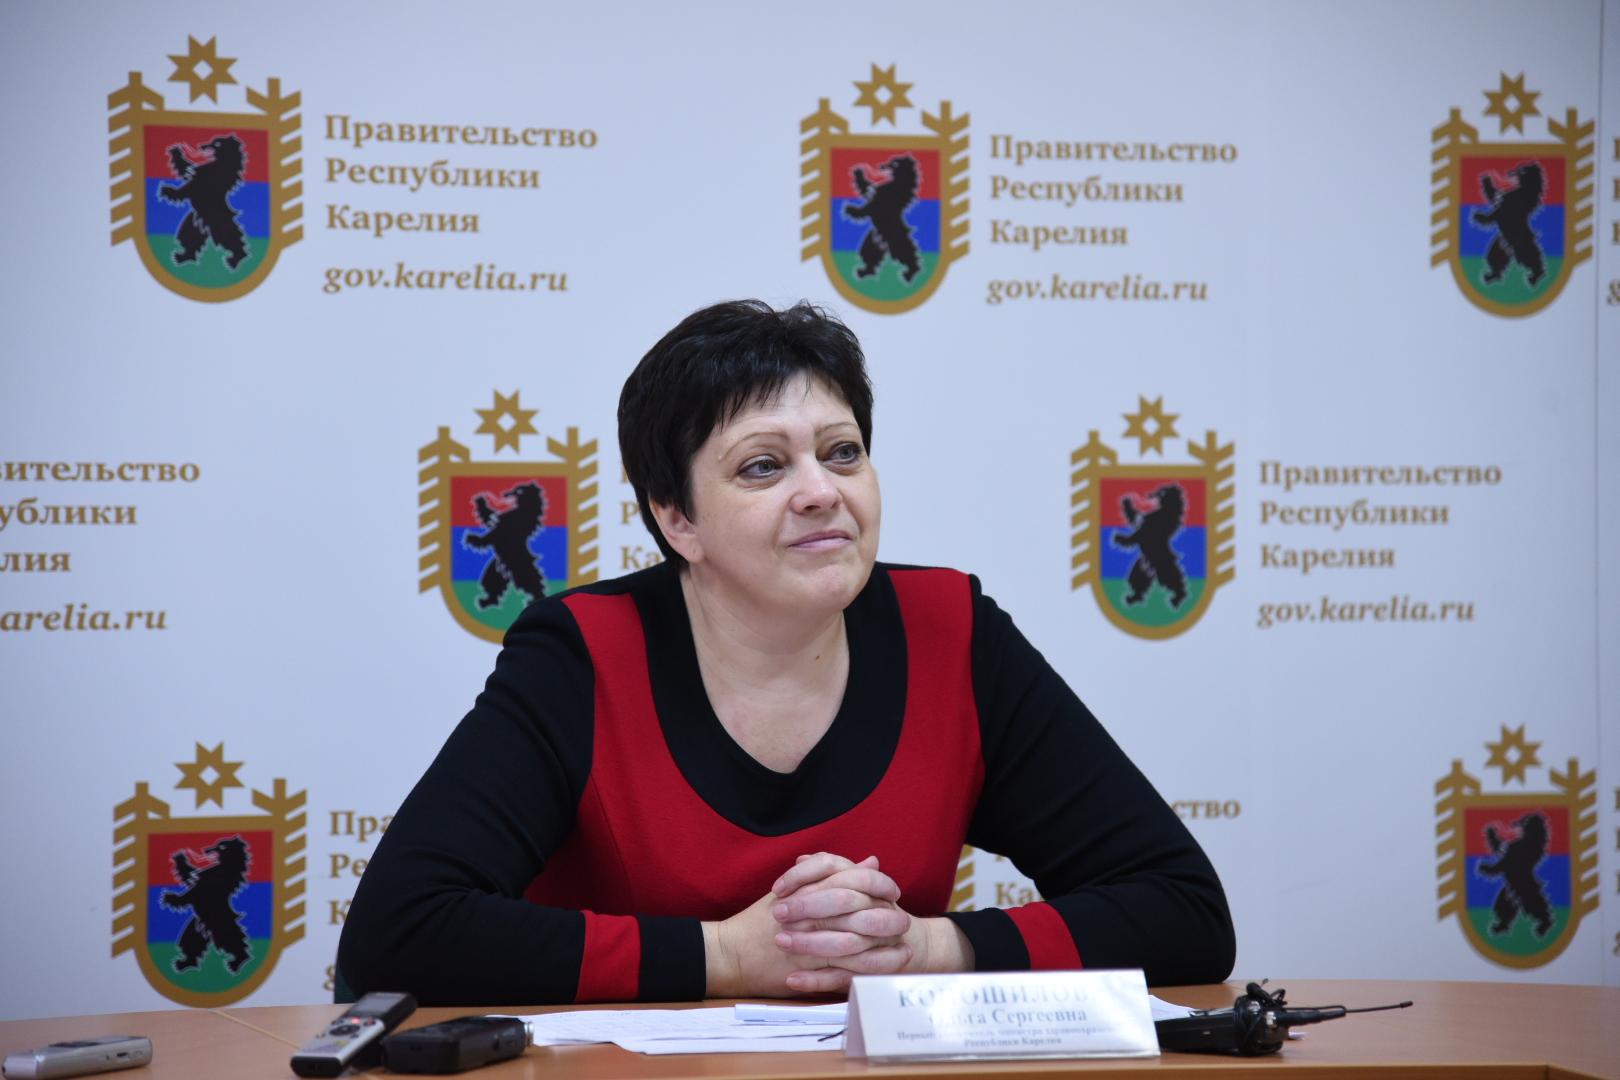 Первый заместитель министра здравоохранения Карелии Ольга Копошилова. Фото: rk.karelia.ru